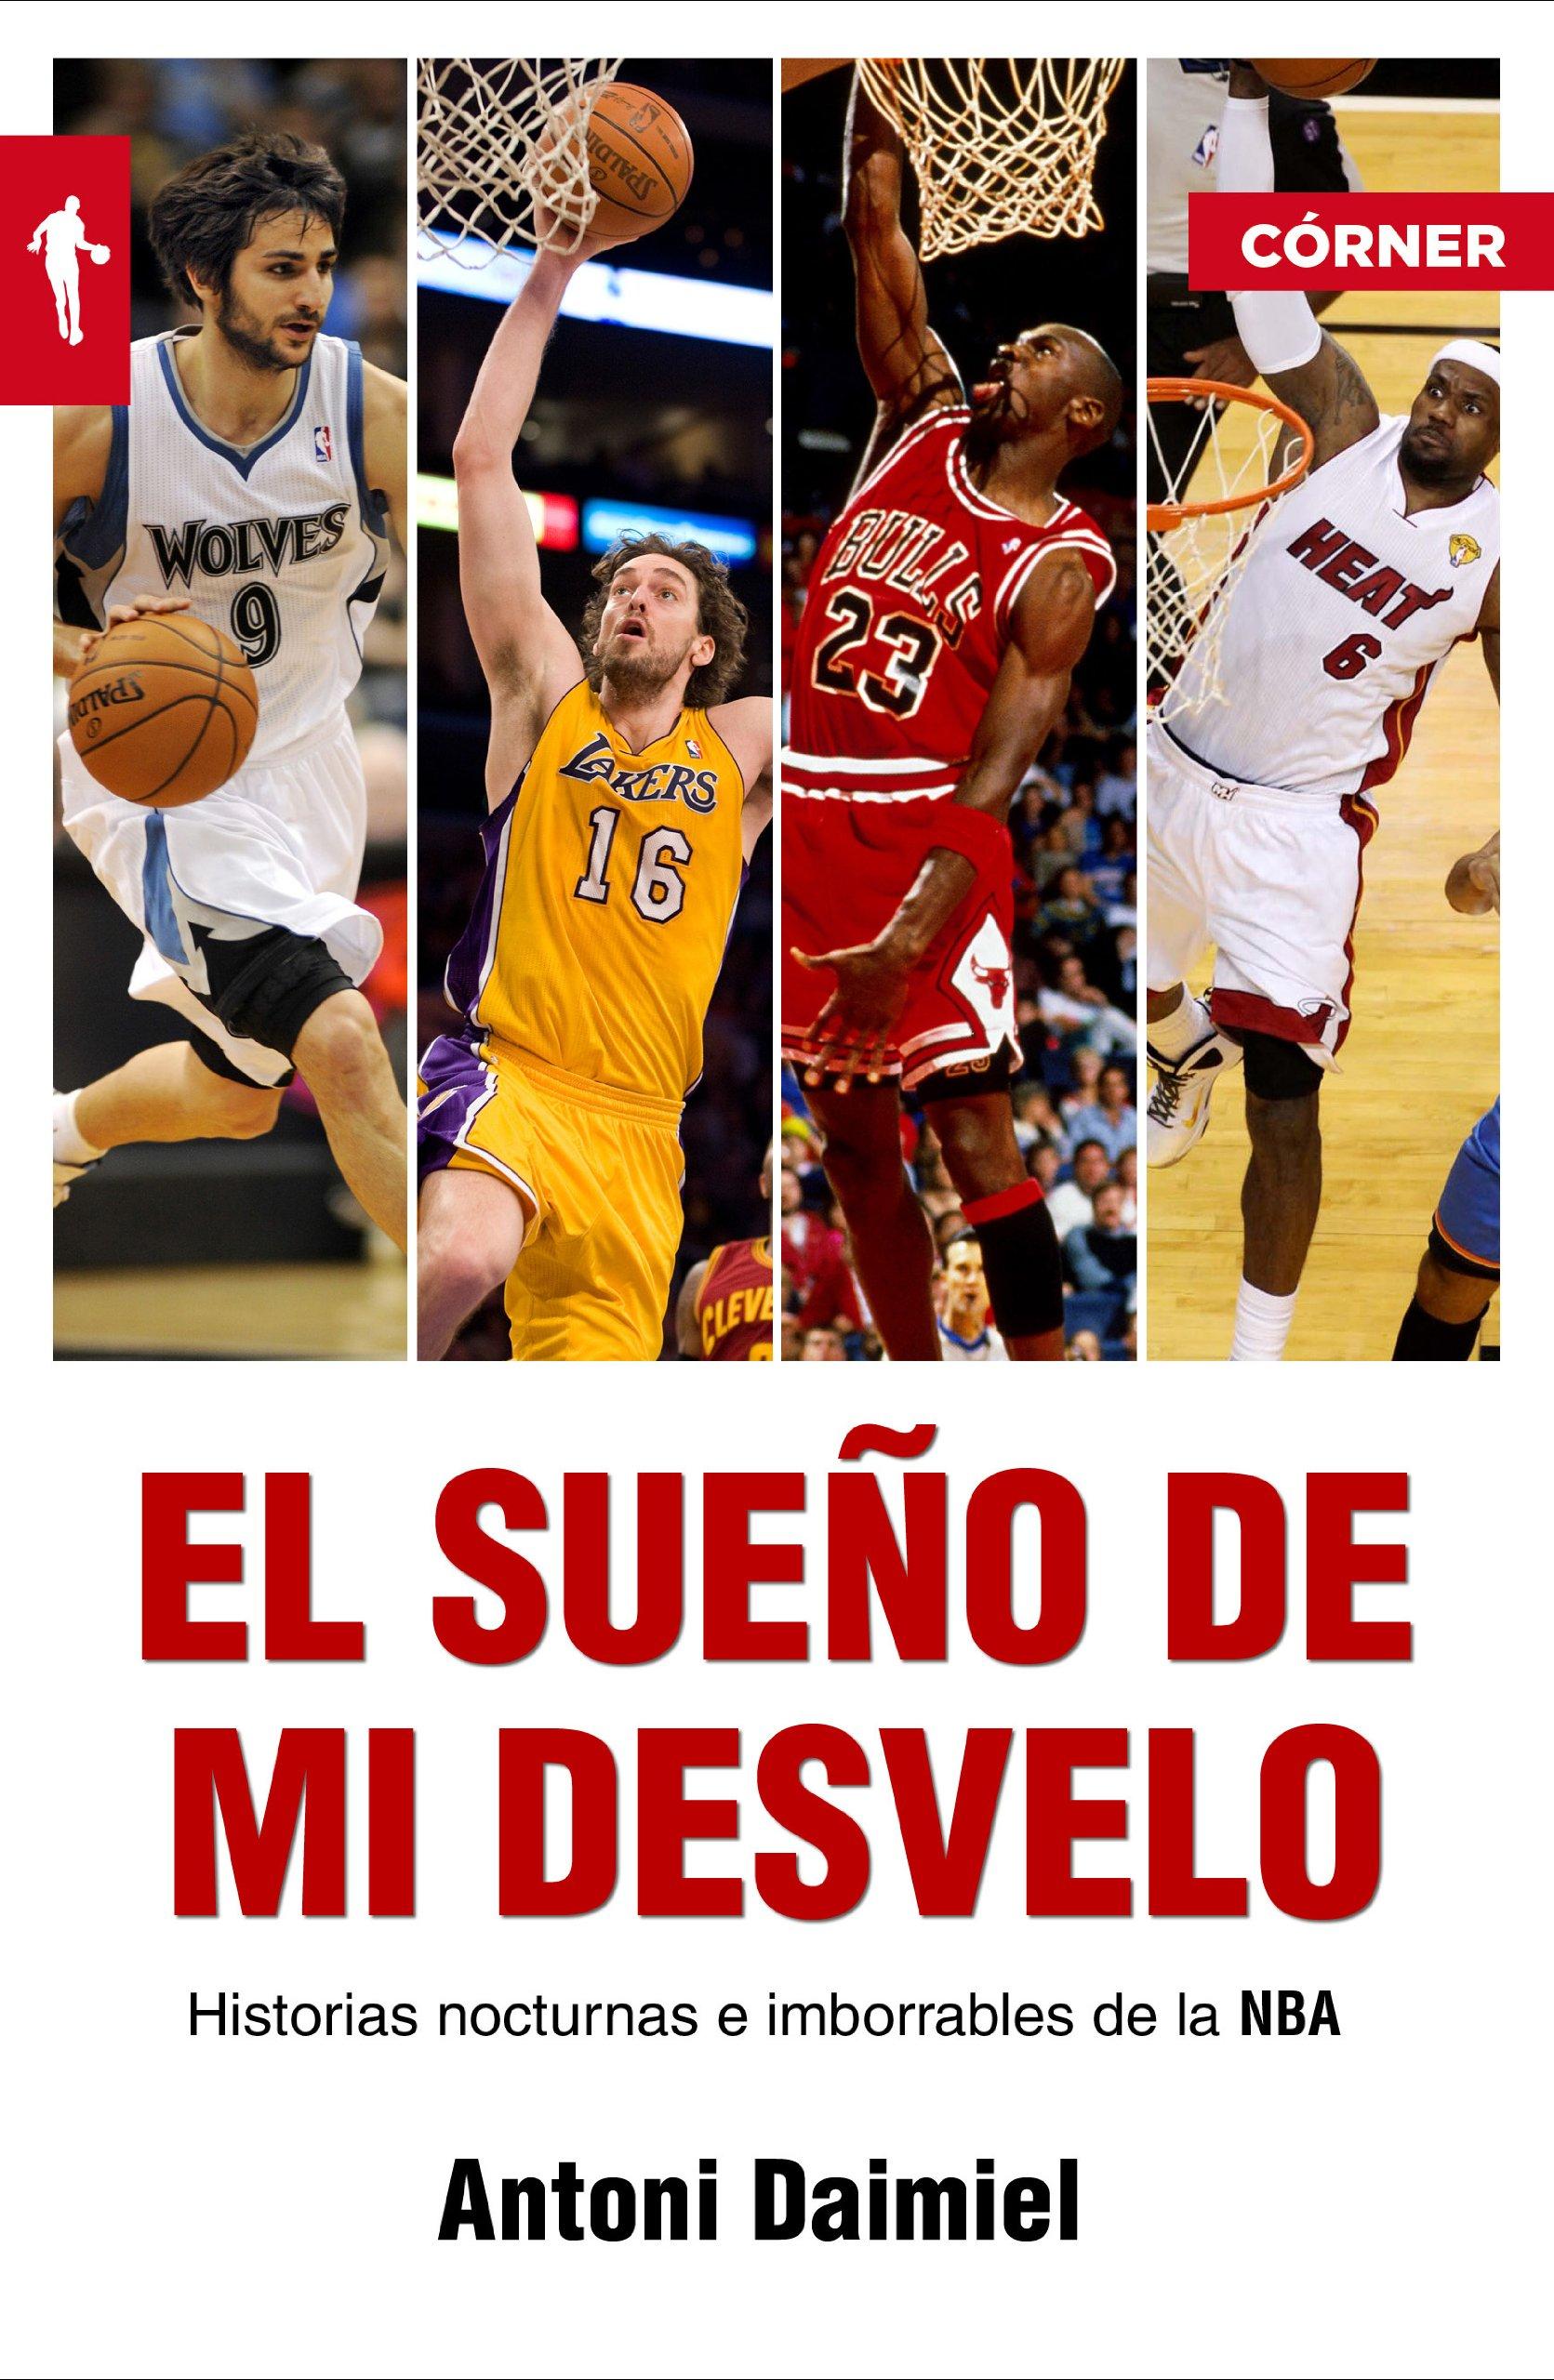 Read Online El sueno de mi desvelo. Historias de la NBA con nocturnidad (Spanish Edition) (Corner (Roca Editorial)) pdf epub